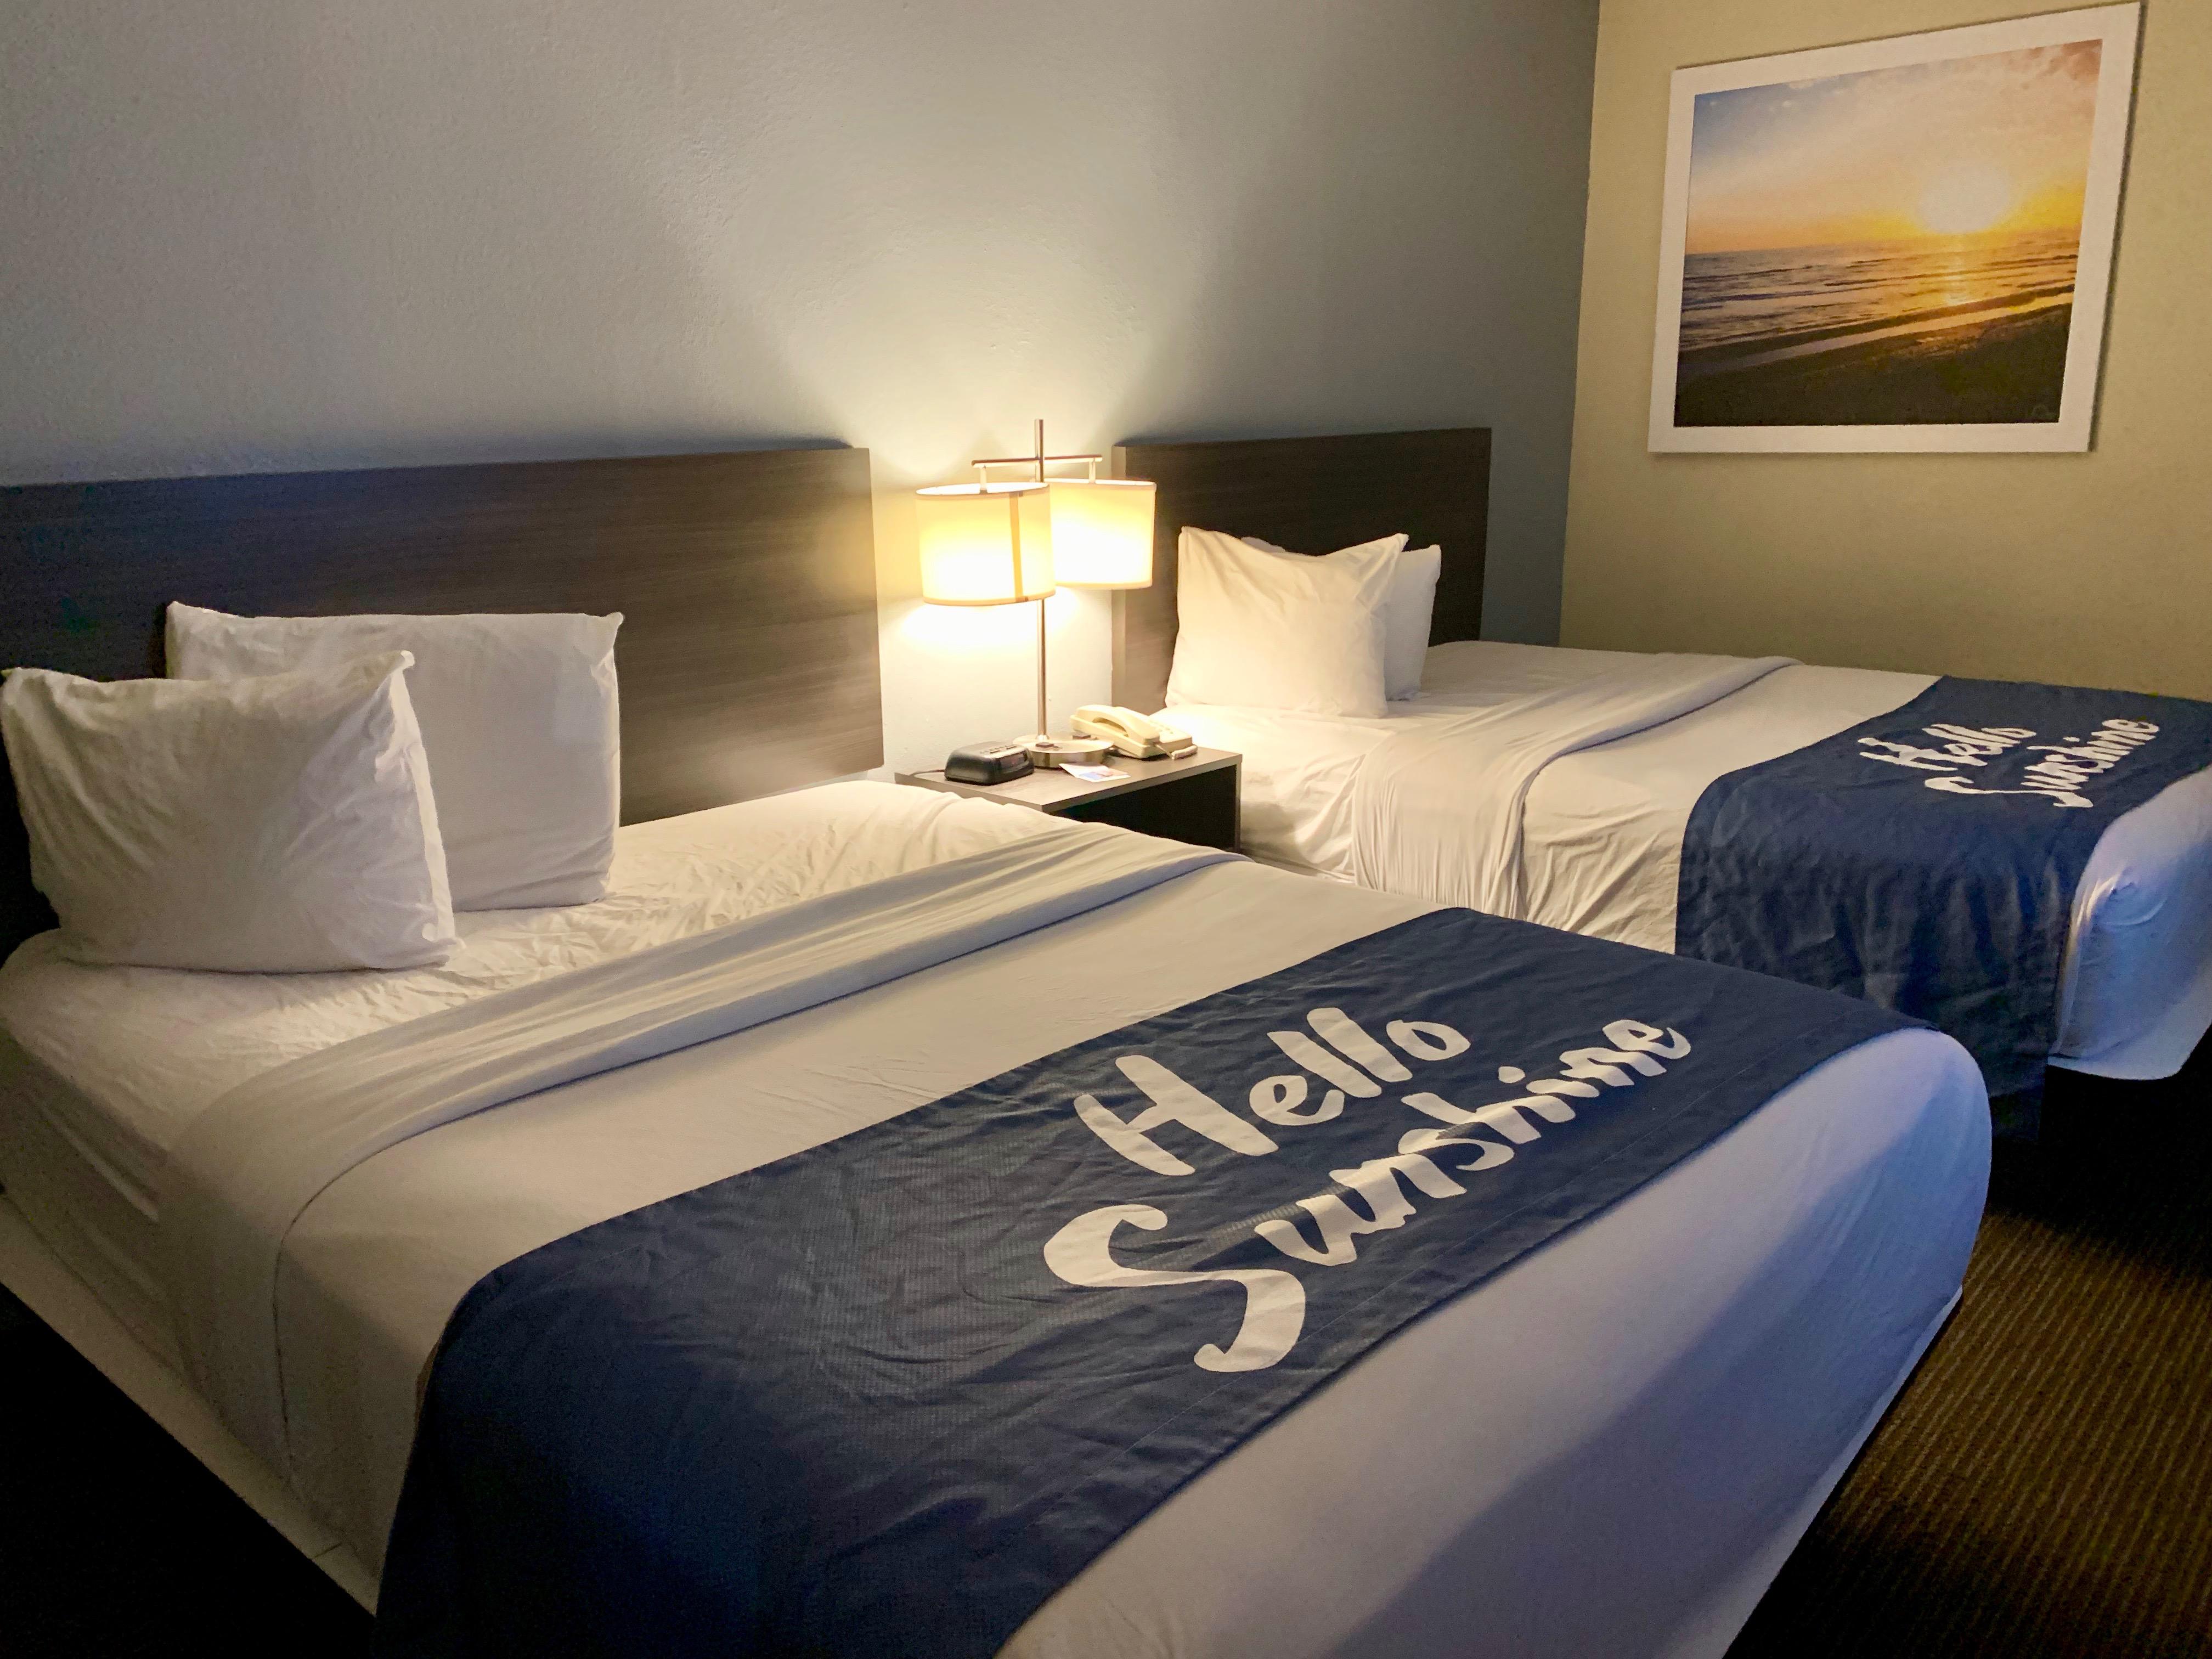 デイズイン&スイーツバイウィンダムオーランドエアポートホテル